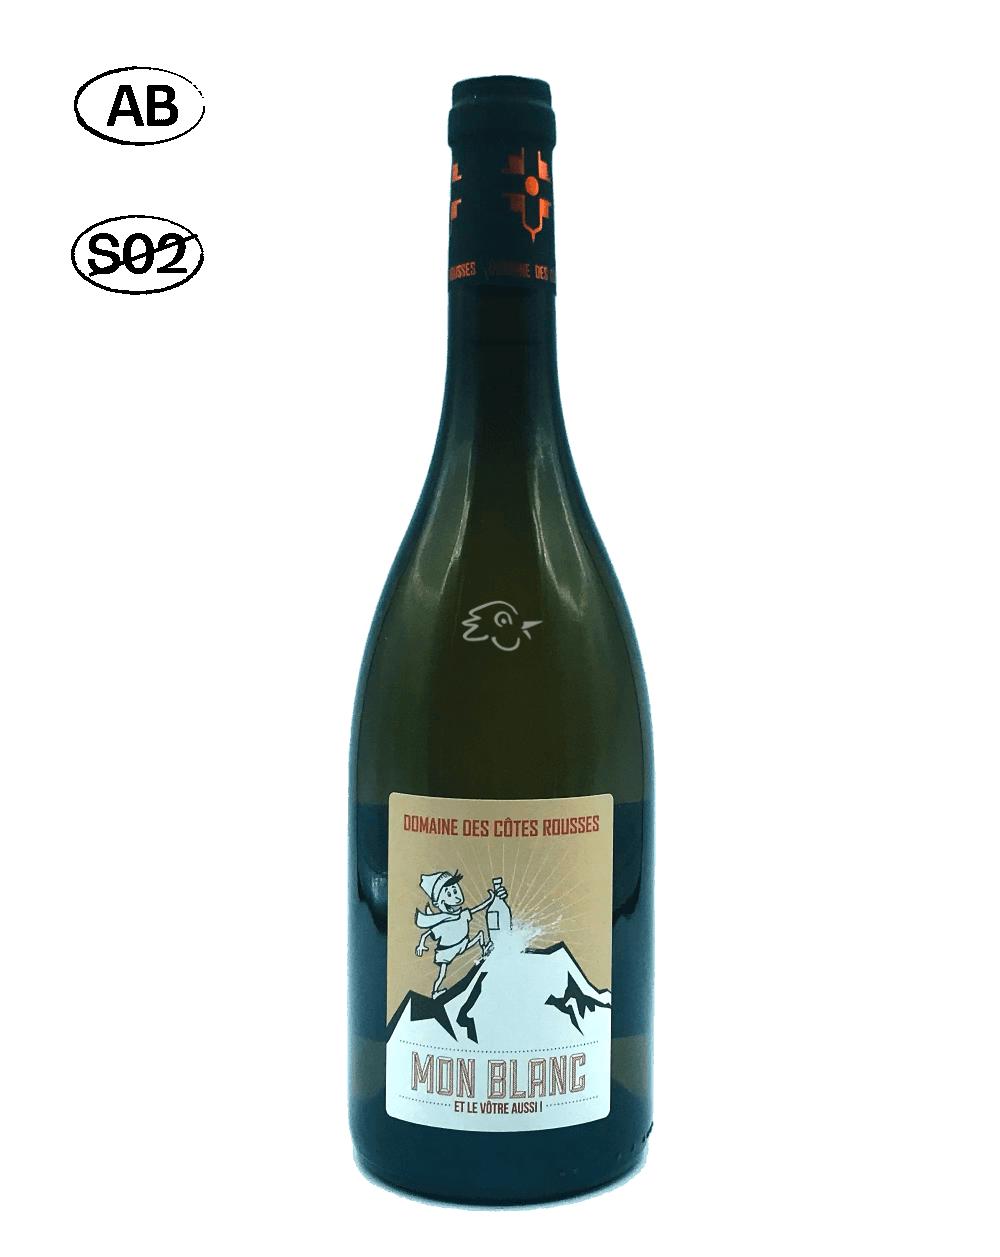 Domaine des Côtes Rousses - Mon Blanc 2019 - Avintures